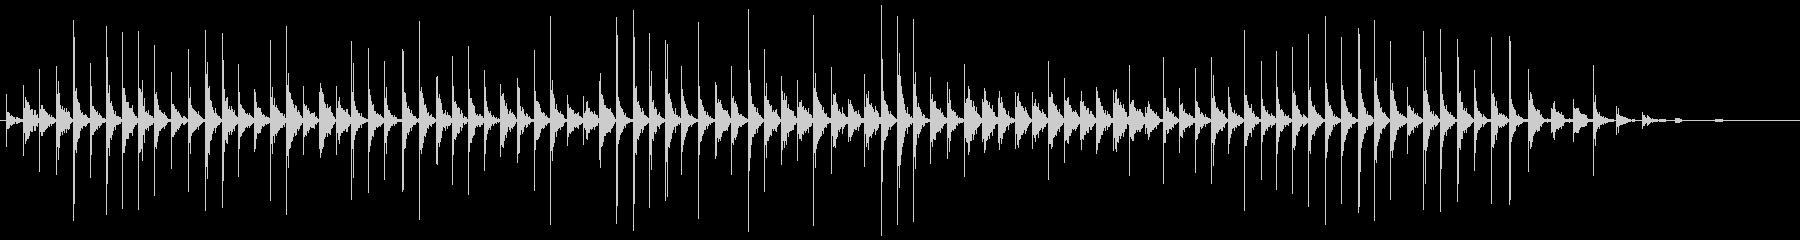 ウッドフロア:ライトランニングシュ...の未再生の波形